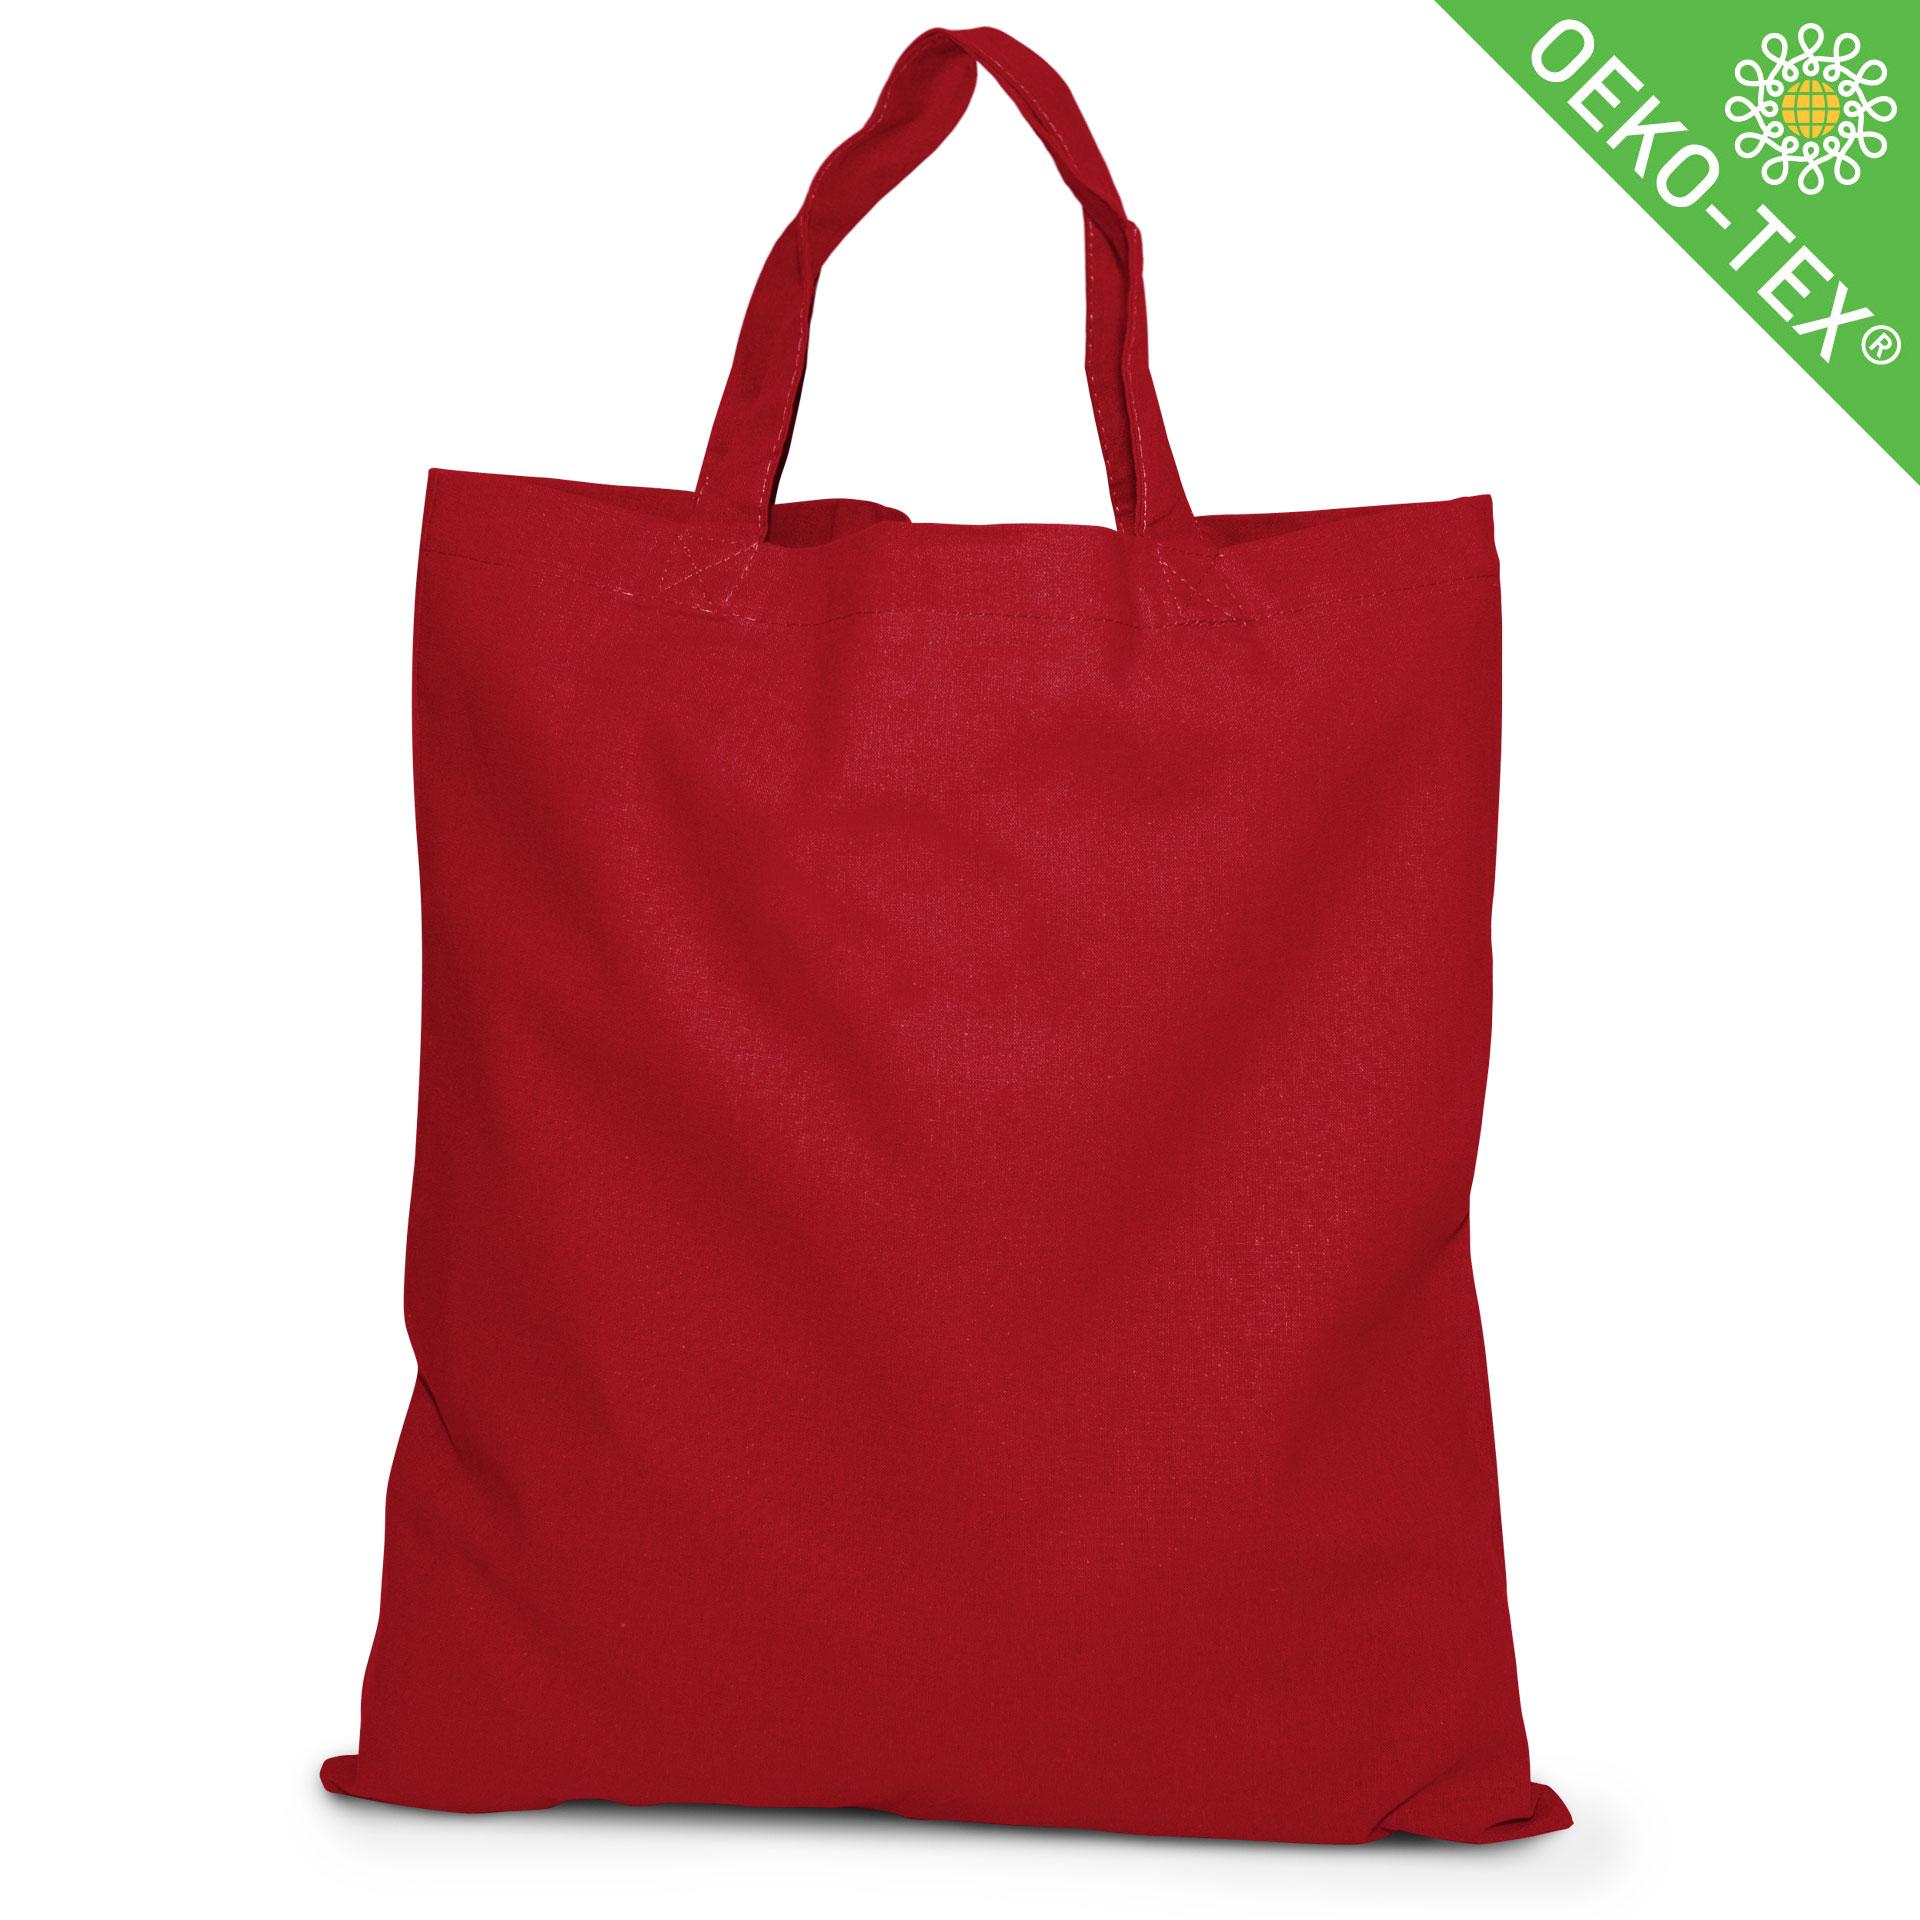 20 Kapstadt Baumwolltasche mit kurzen Henkeln, Farbe: rot